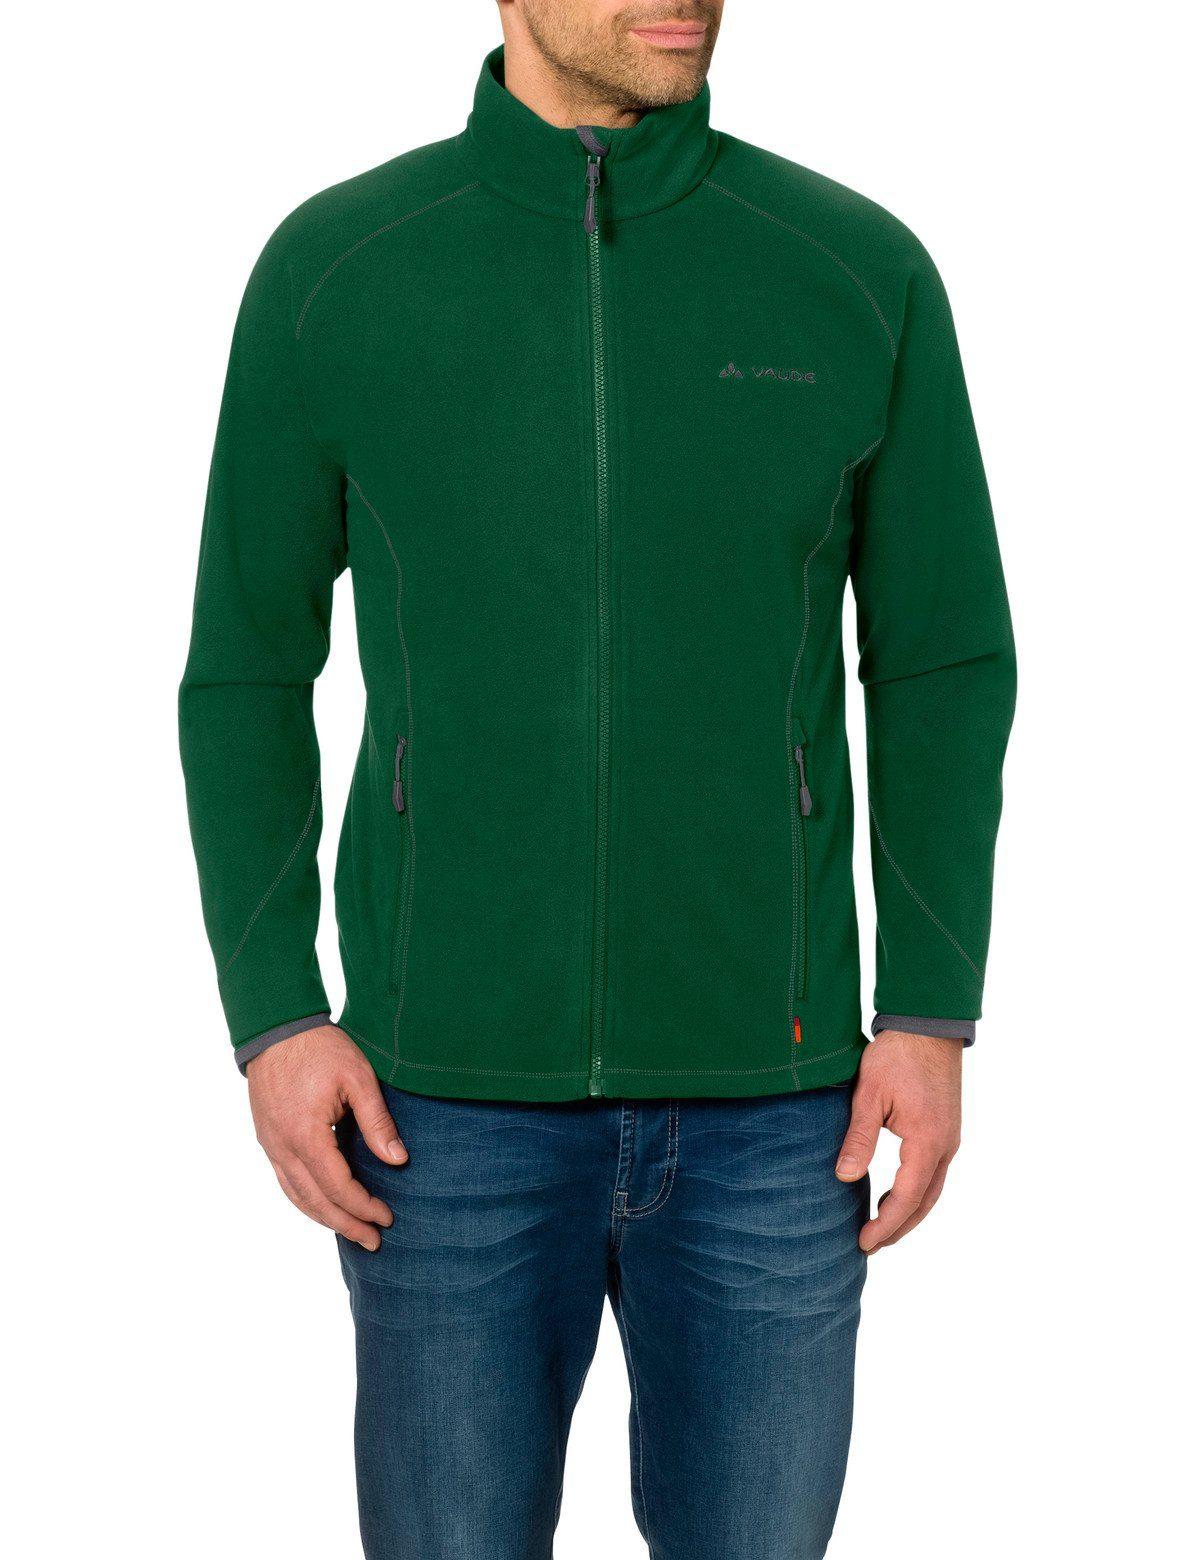 VAUDE Outdoorjacke »Smaland Jacket Men«